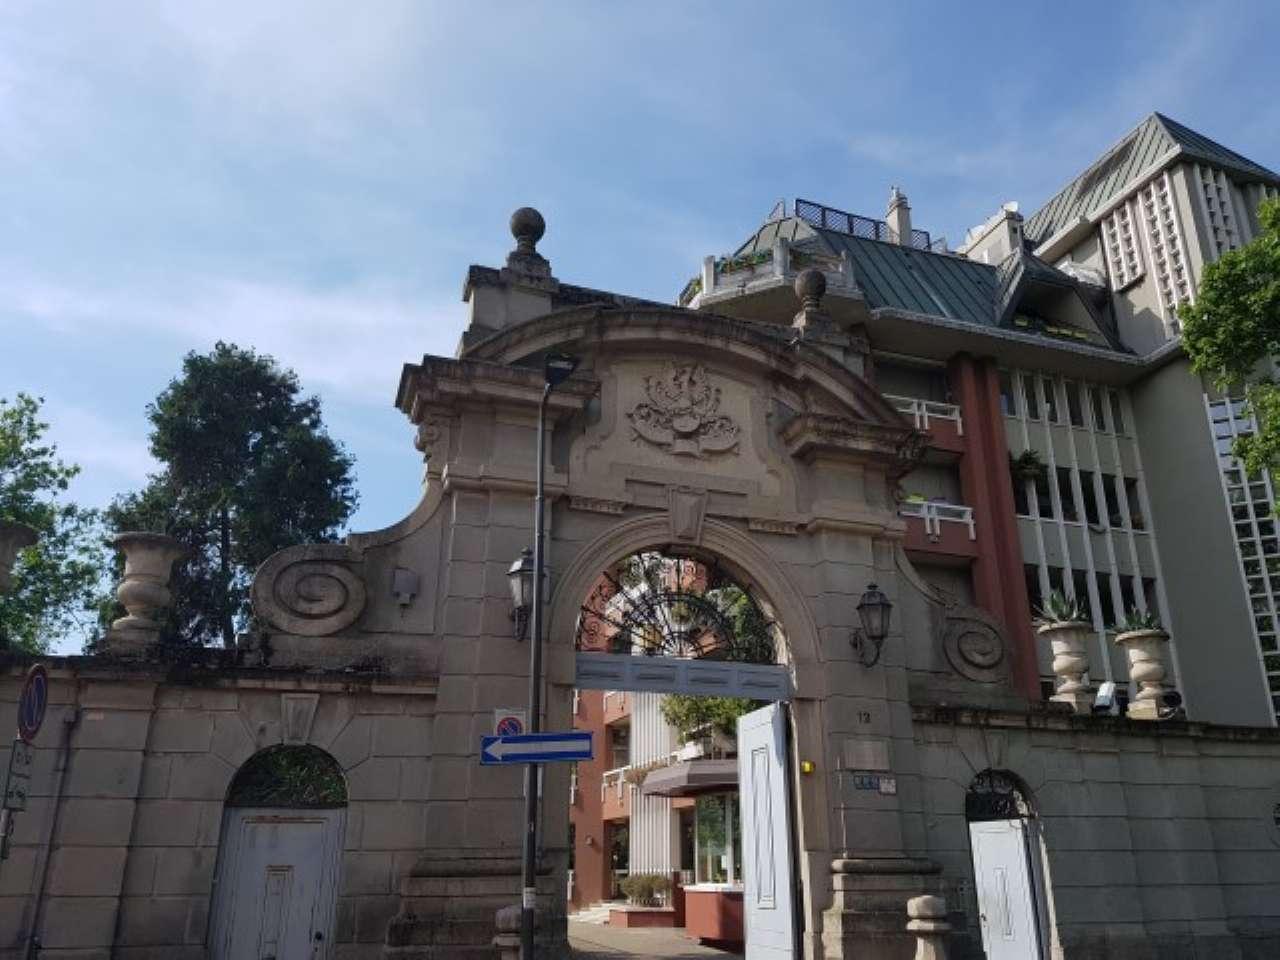 Appartamento in vendita a Milano, 5 locali, zona Zona: 14 . Lotto, Novara, San Siro, QT8 , Montestella, Rembrandt, prezzo € 950.000 | Cambio Casa.it